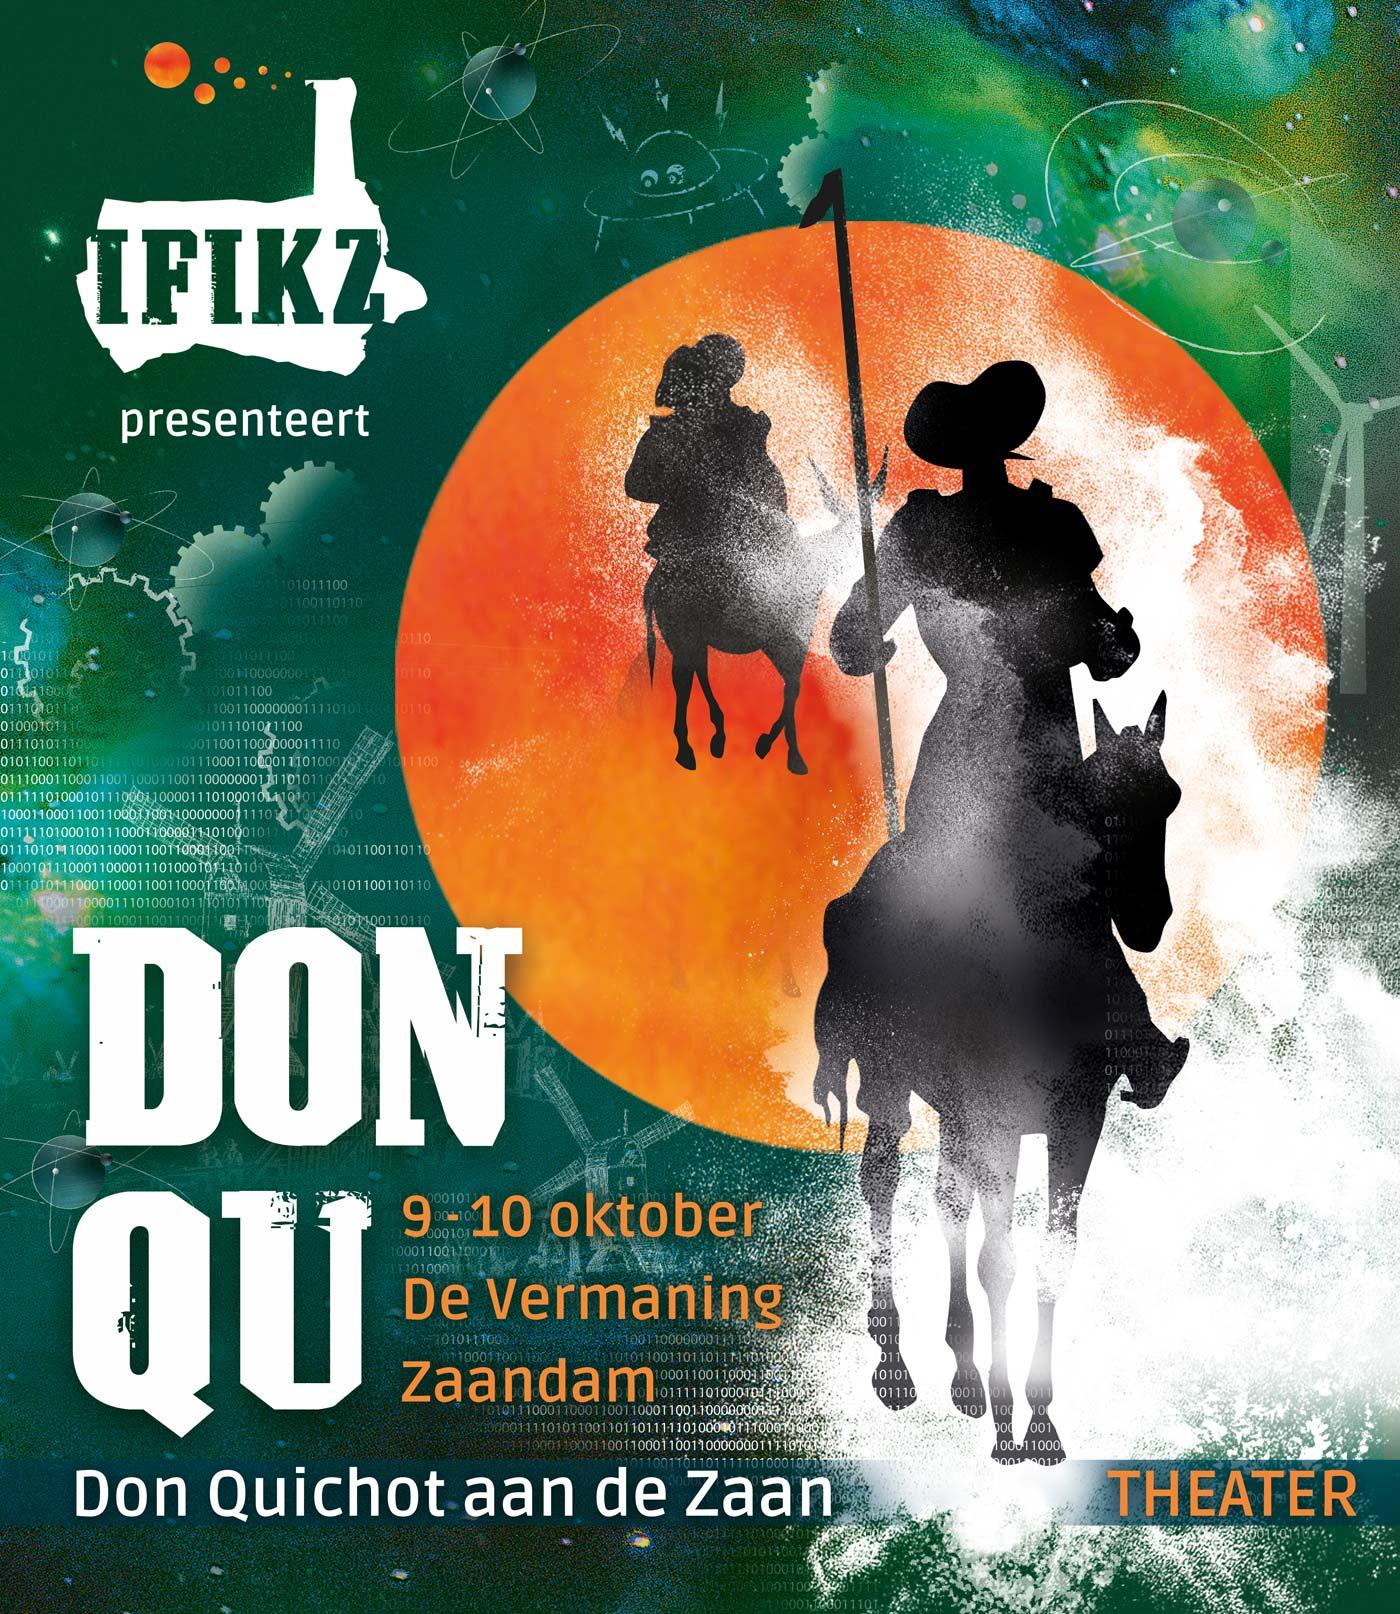 poster Don Quichot aan de Zaan